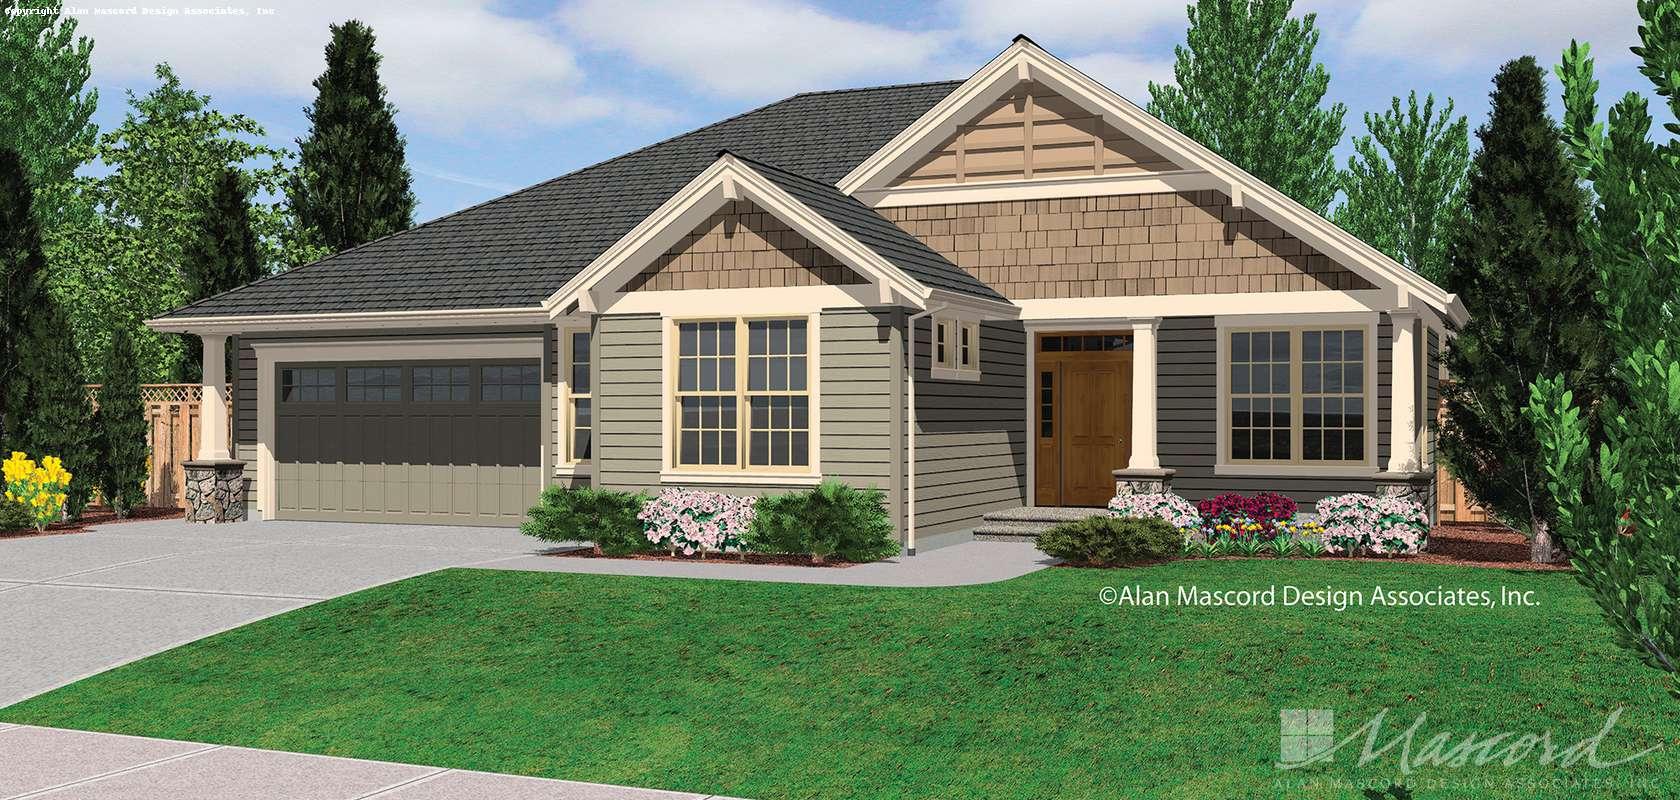 Mascord House Plan B1231FA: The Sutton